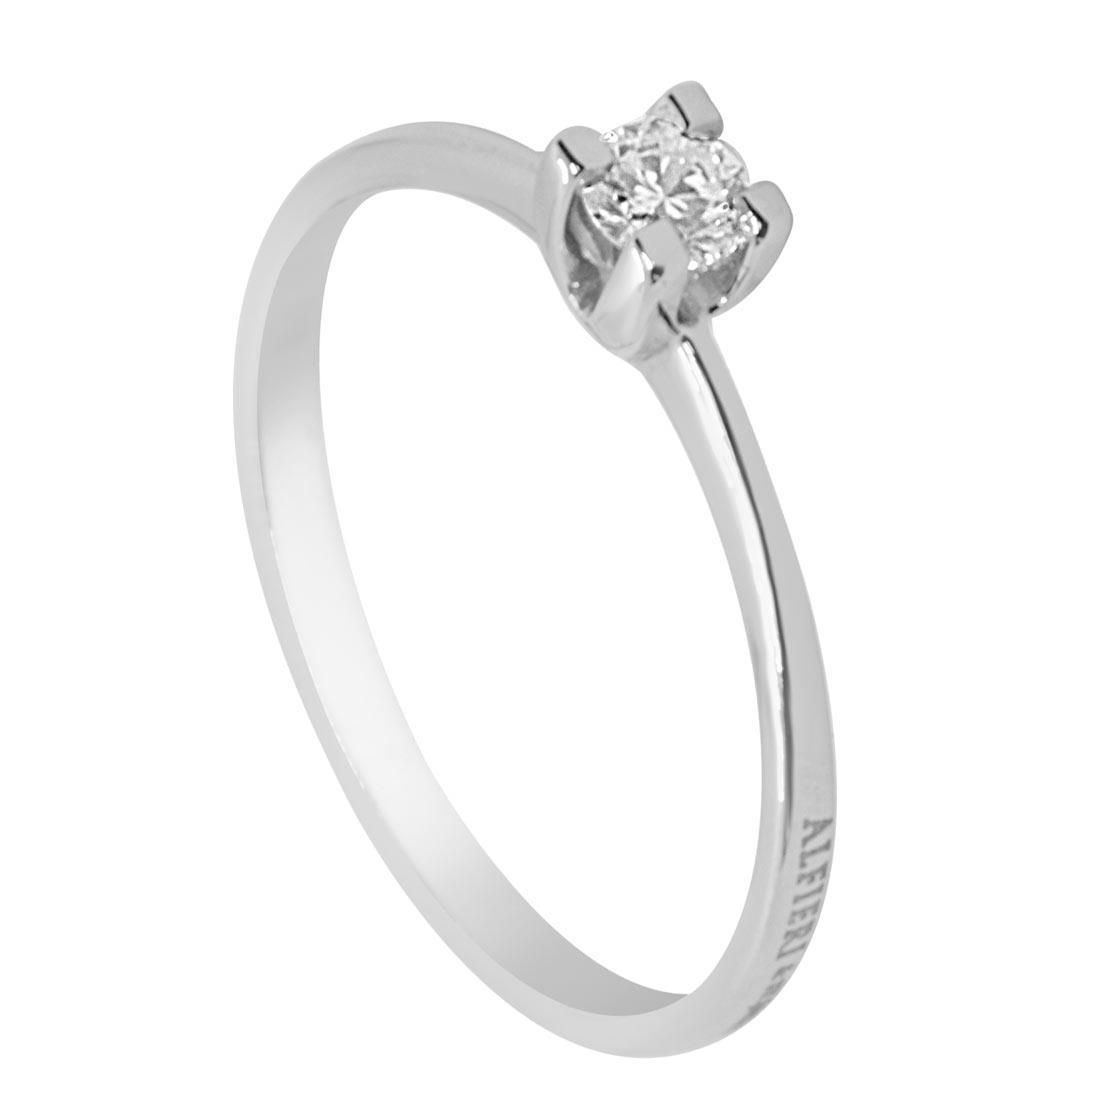 Anello solitario in oro bianco con diamante 0,16 ct mis 13 - ALFIERI ST JOHN